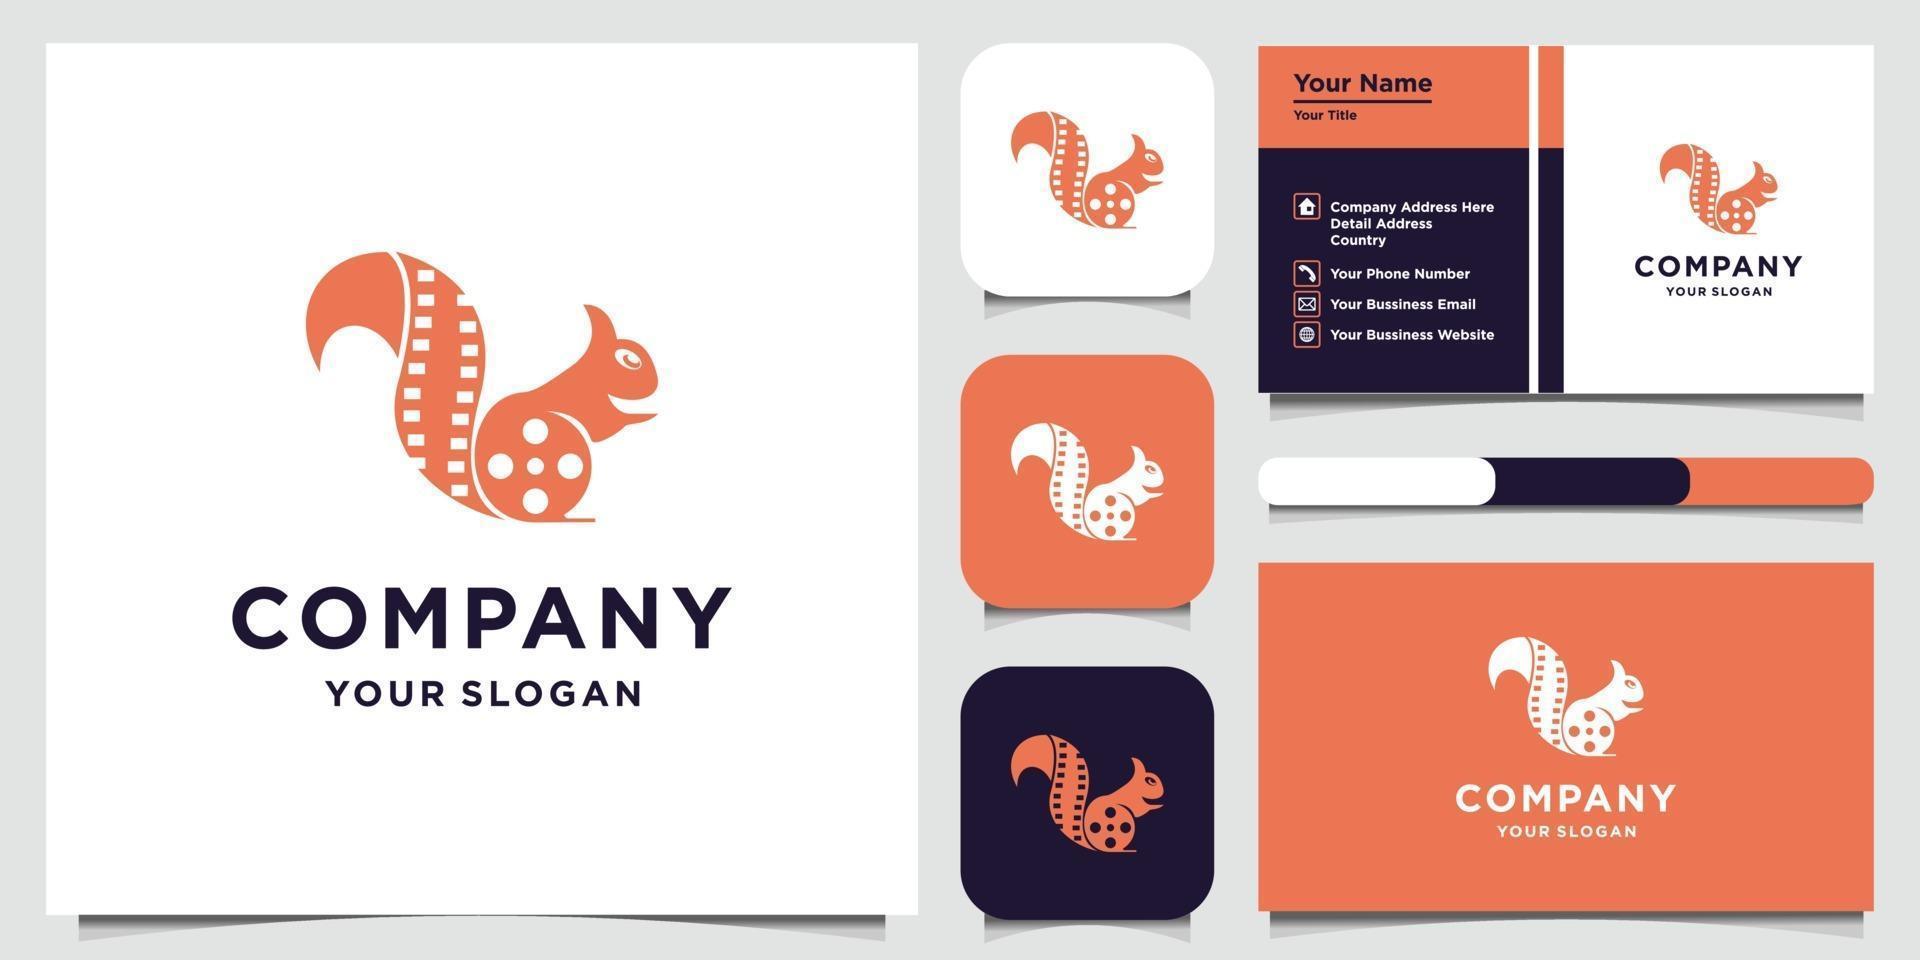 plantilla de diseño de logotipo de zorro y tarjeta de visita vector